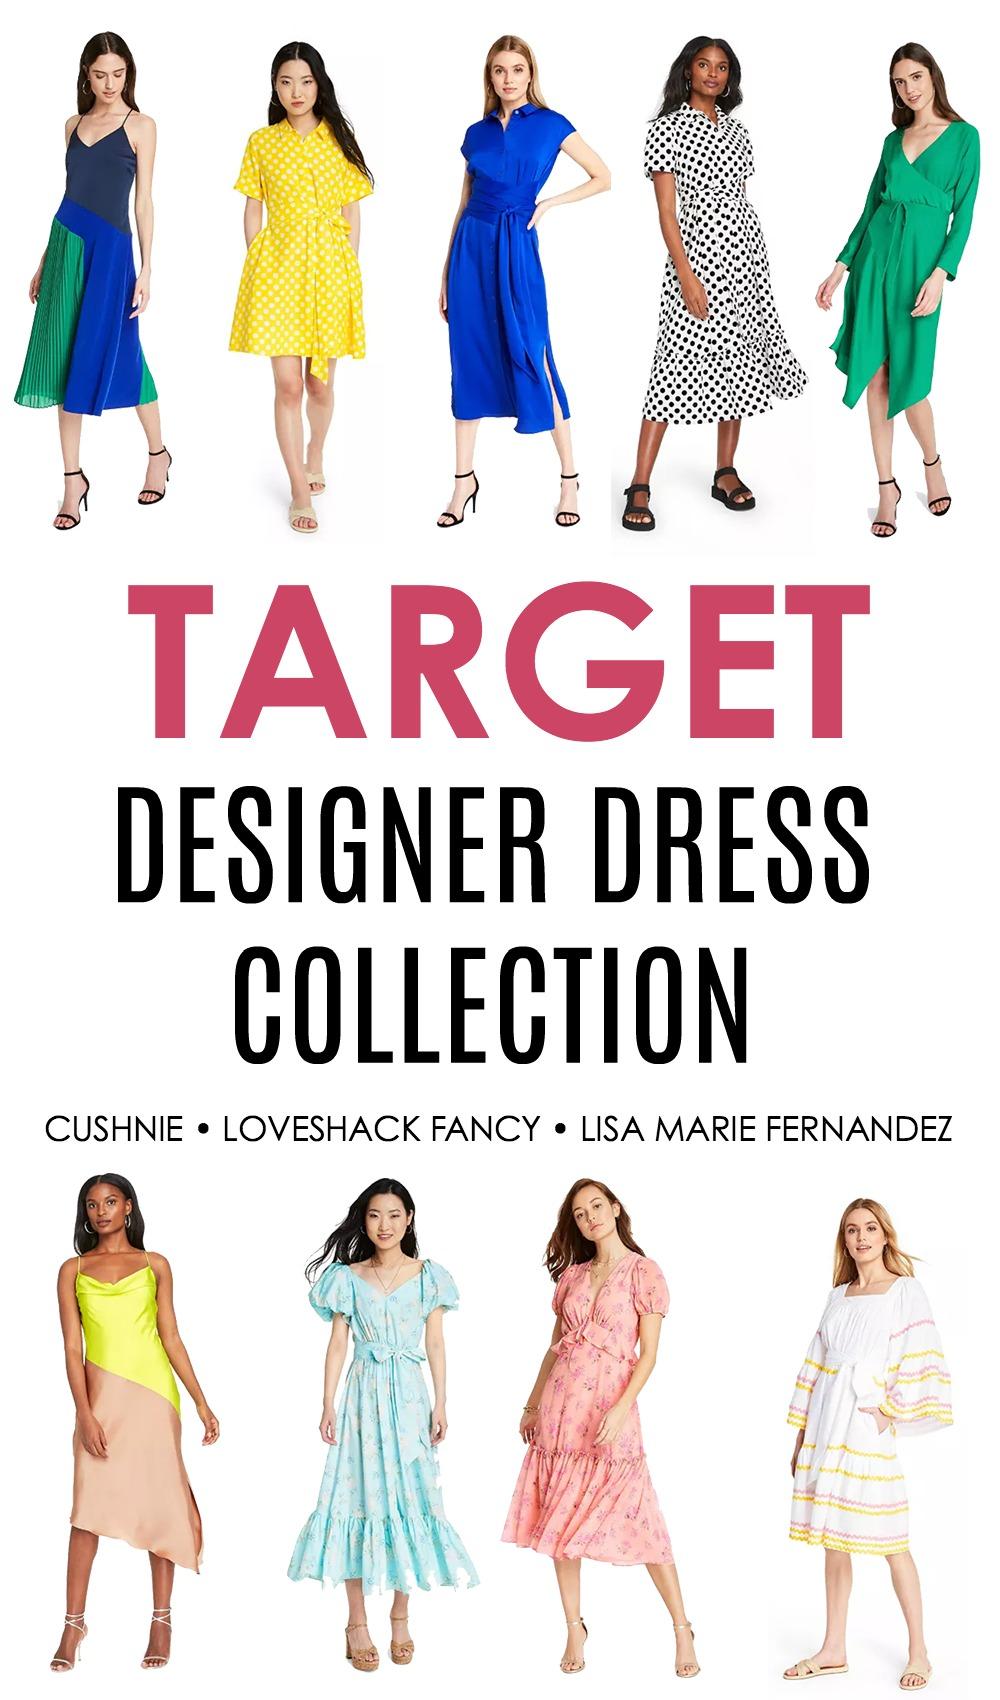 Target Designer Dress Collection for Summer 2020 I Dreaminlace.com